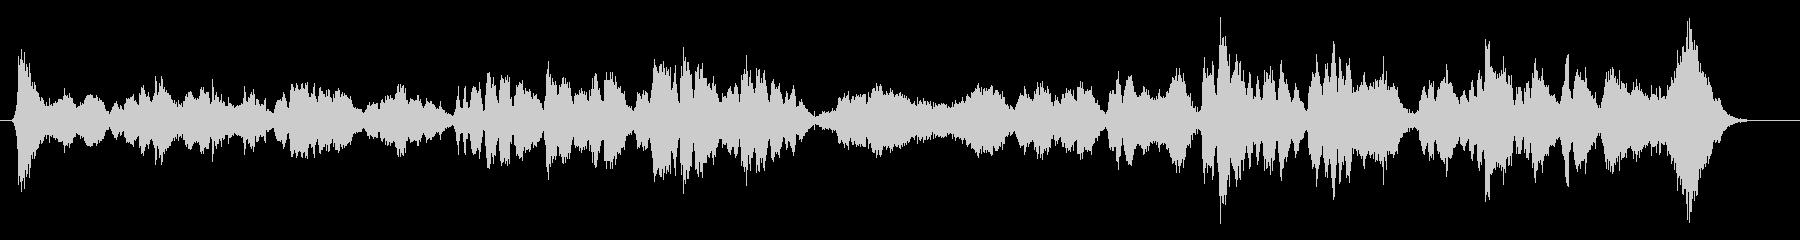 音楽アメリカ国歌バンド群衆-音楽ア...の未再生の波形